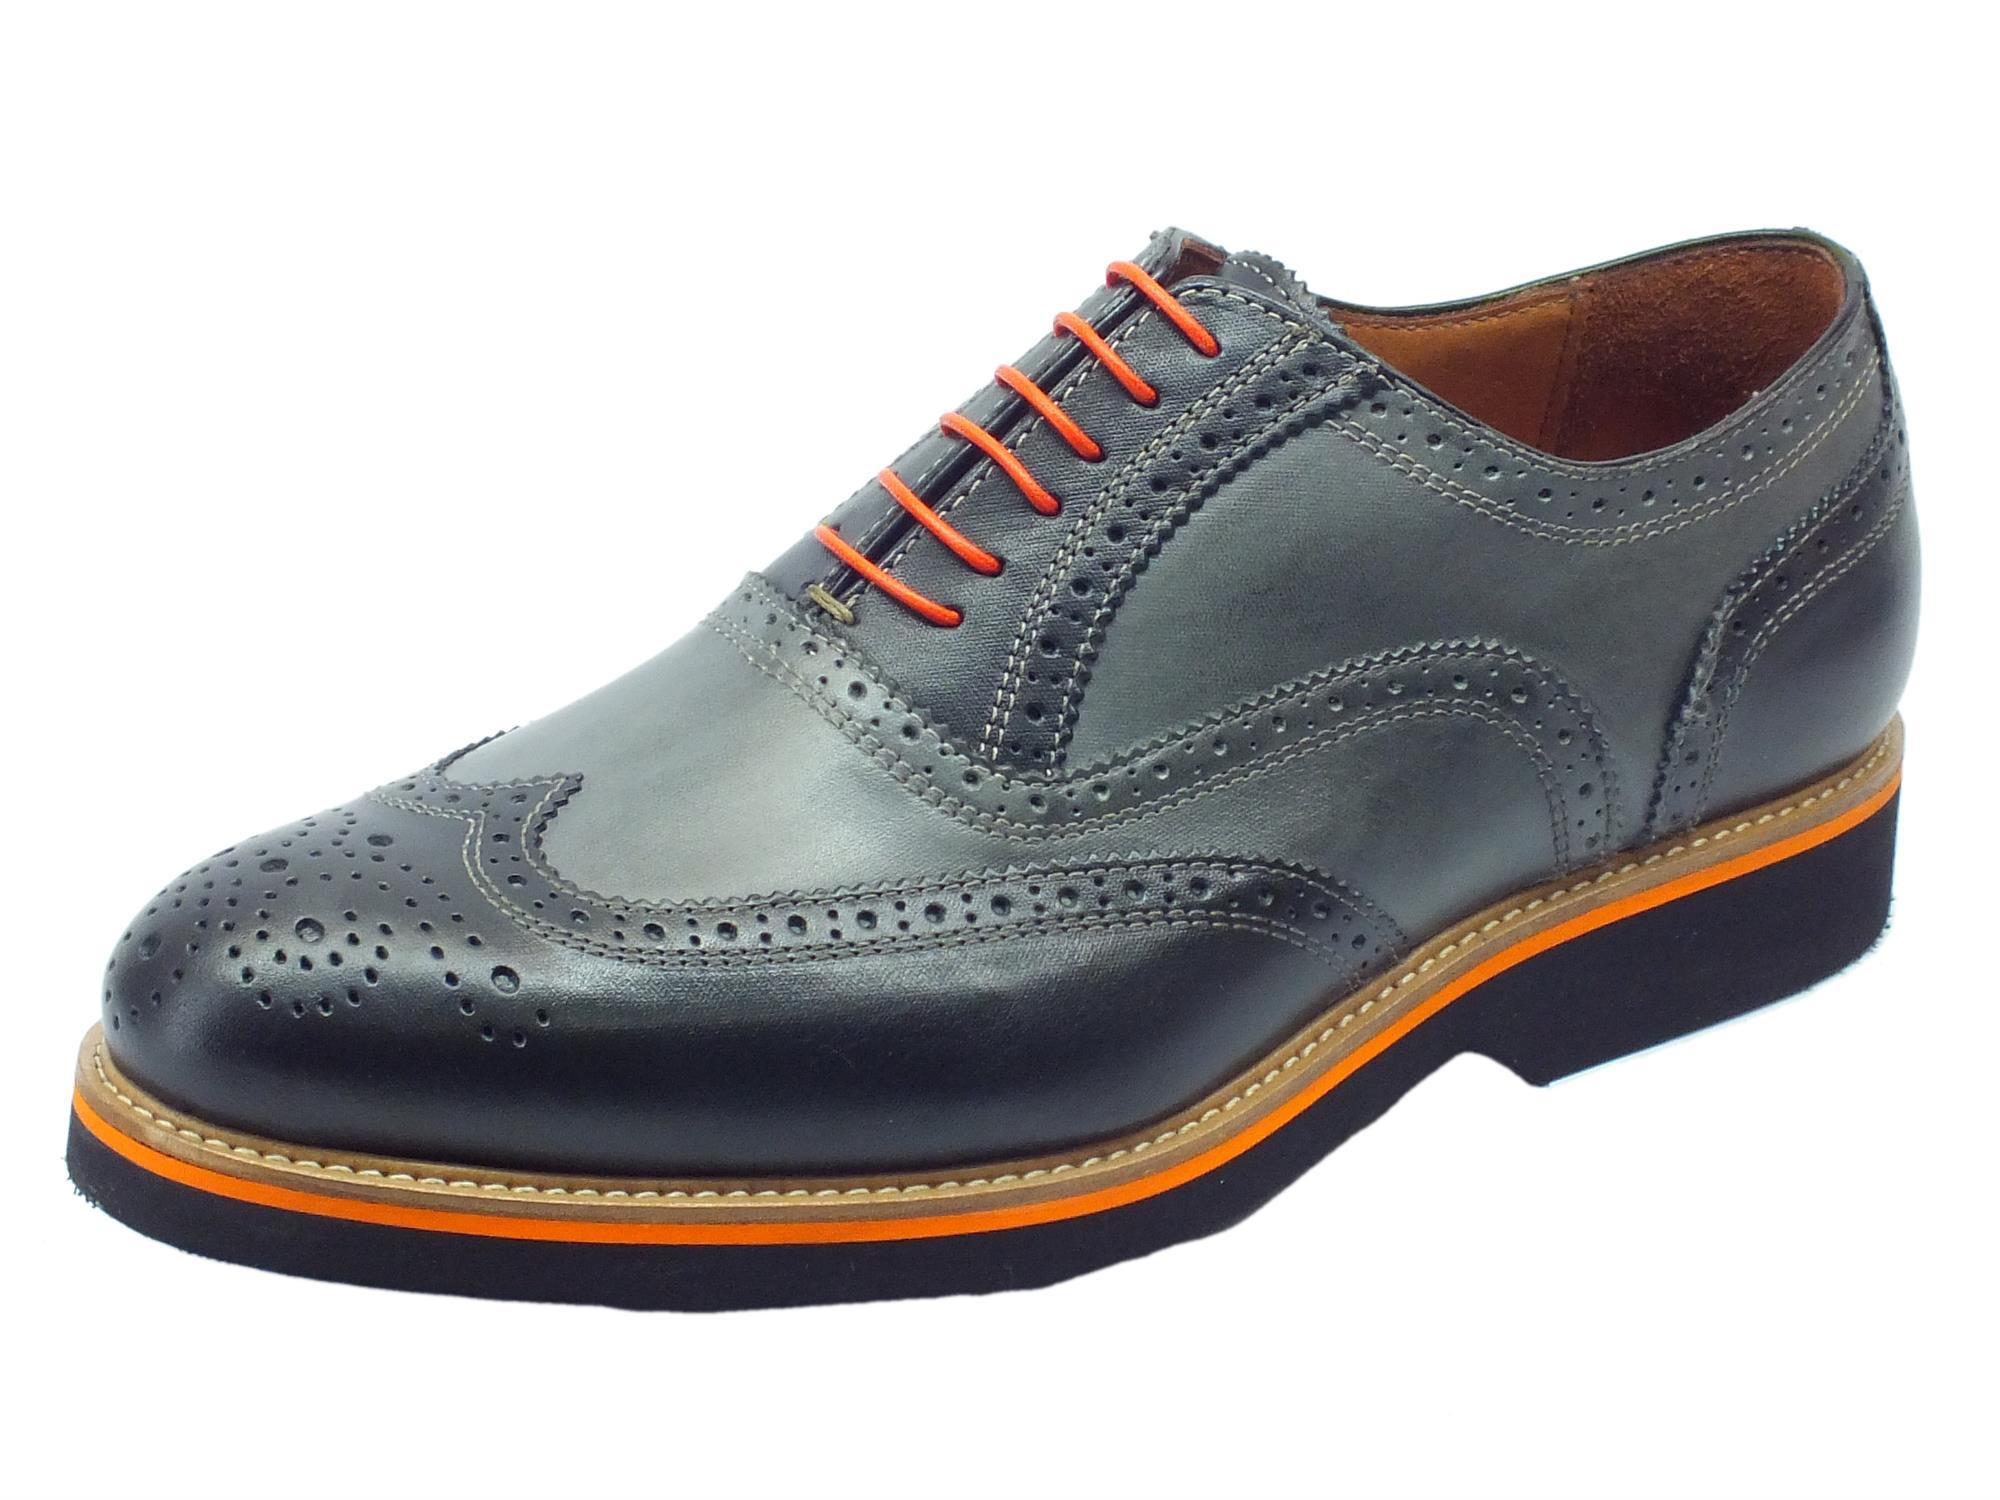 Acquista scarpe uomo - OFF51% sconti f821ac9da2e